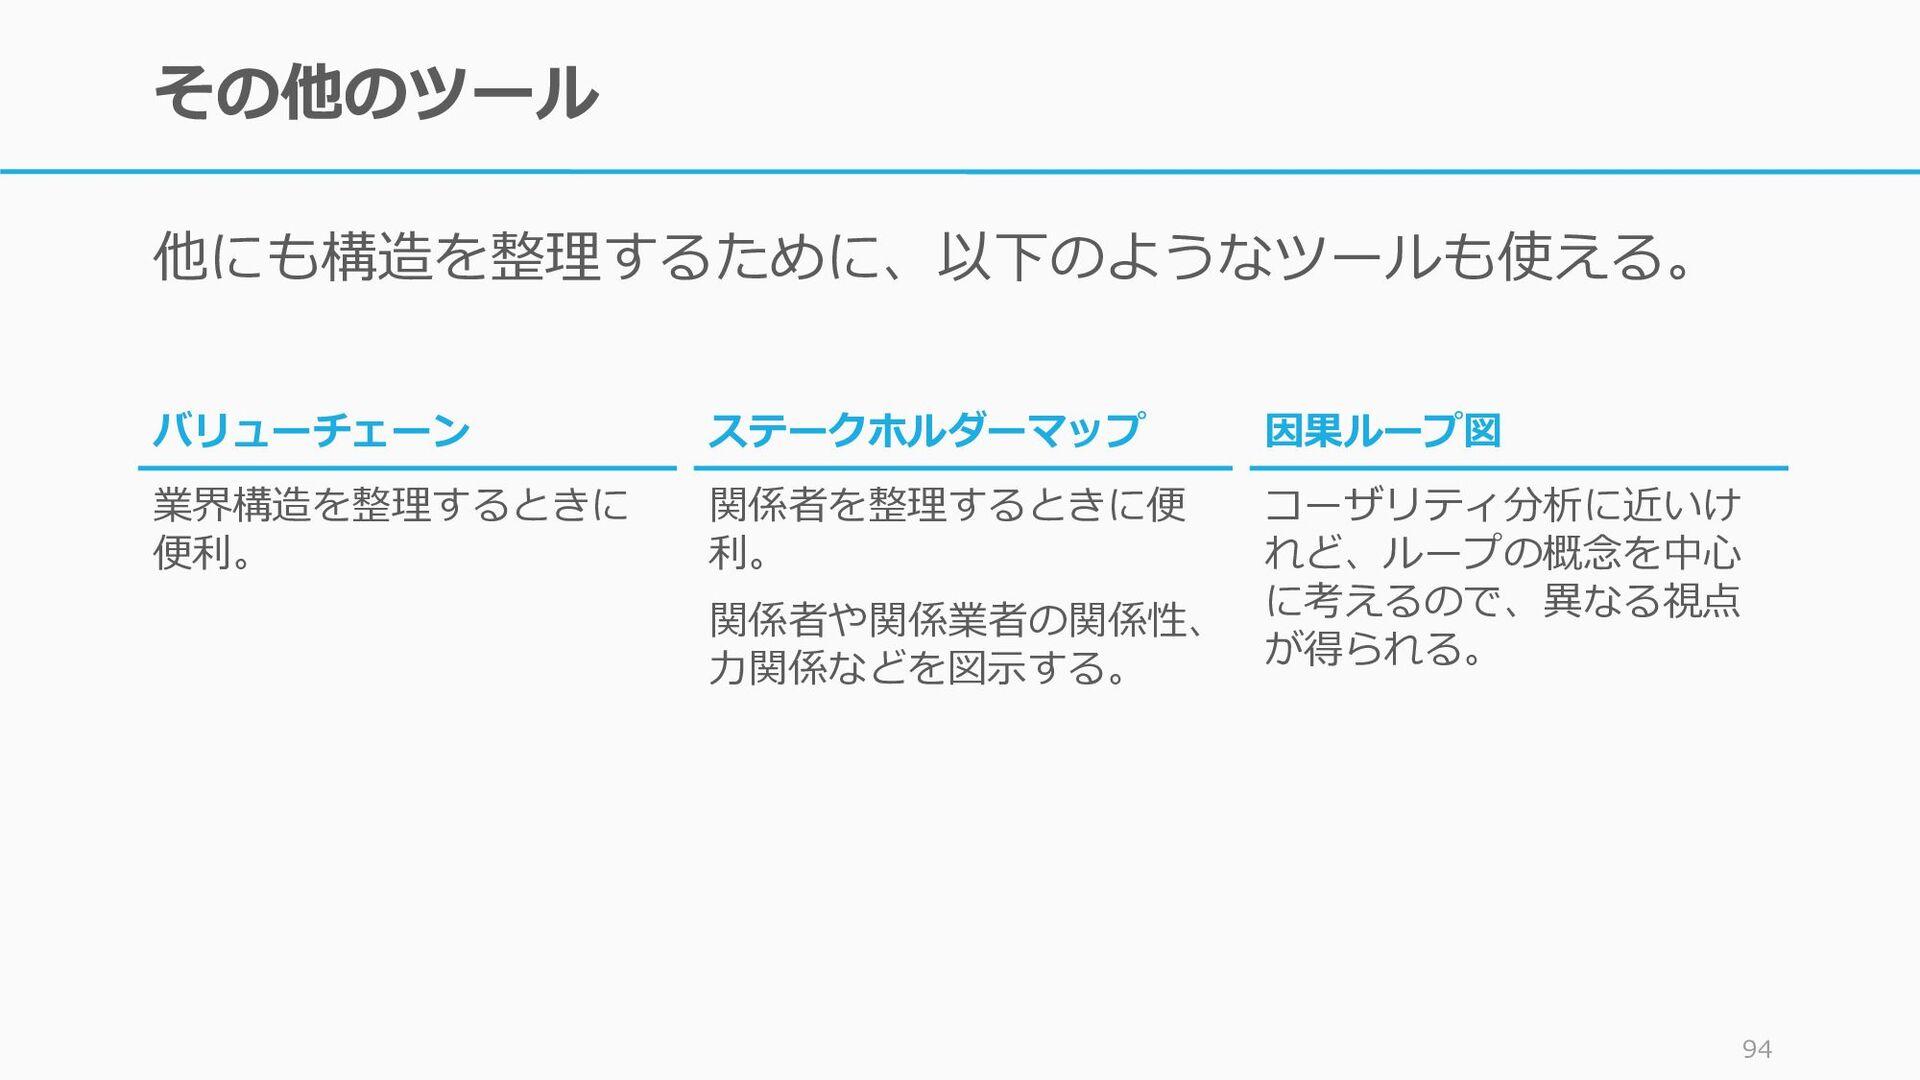 例)顧客の解像度: テンプレートを埋められるか 例えば顧客フォースキャンバスの穴埋めをすべて的...